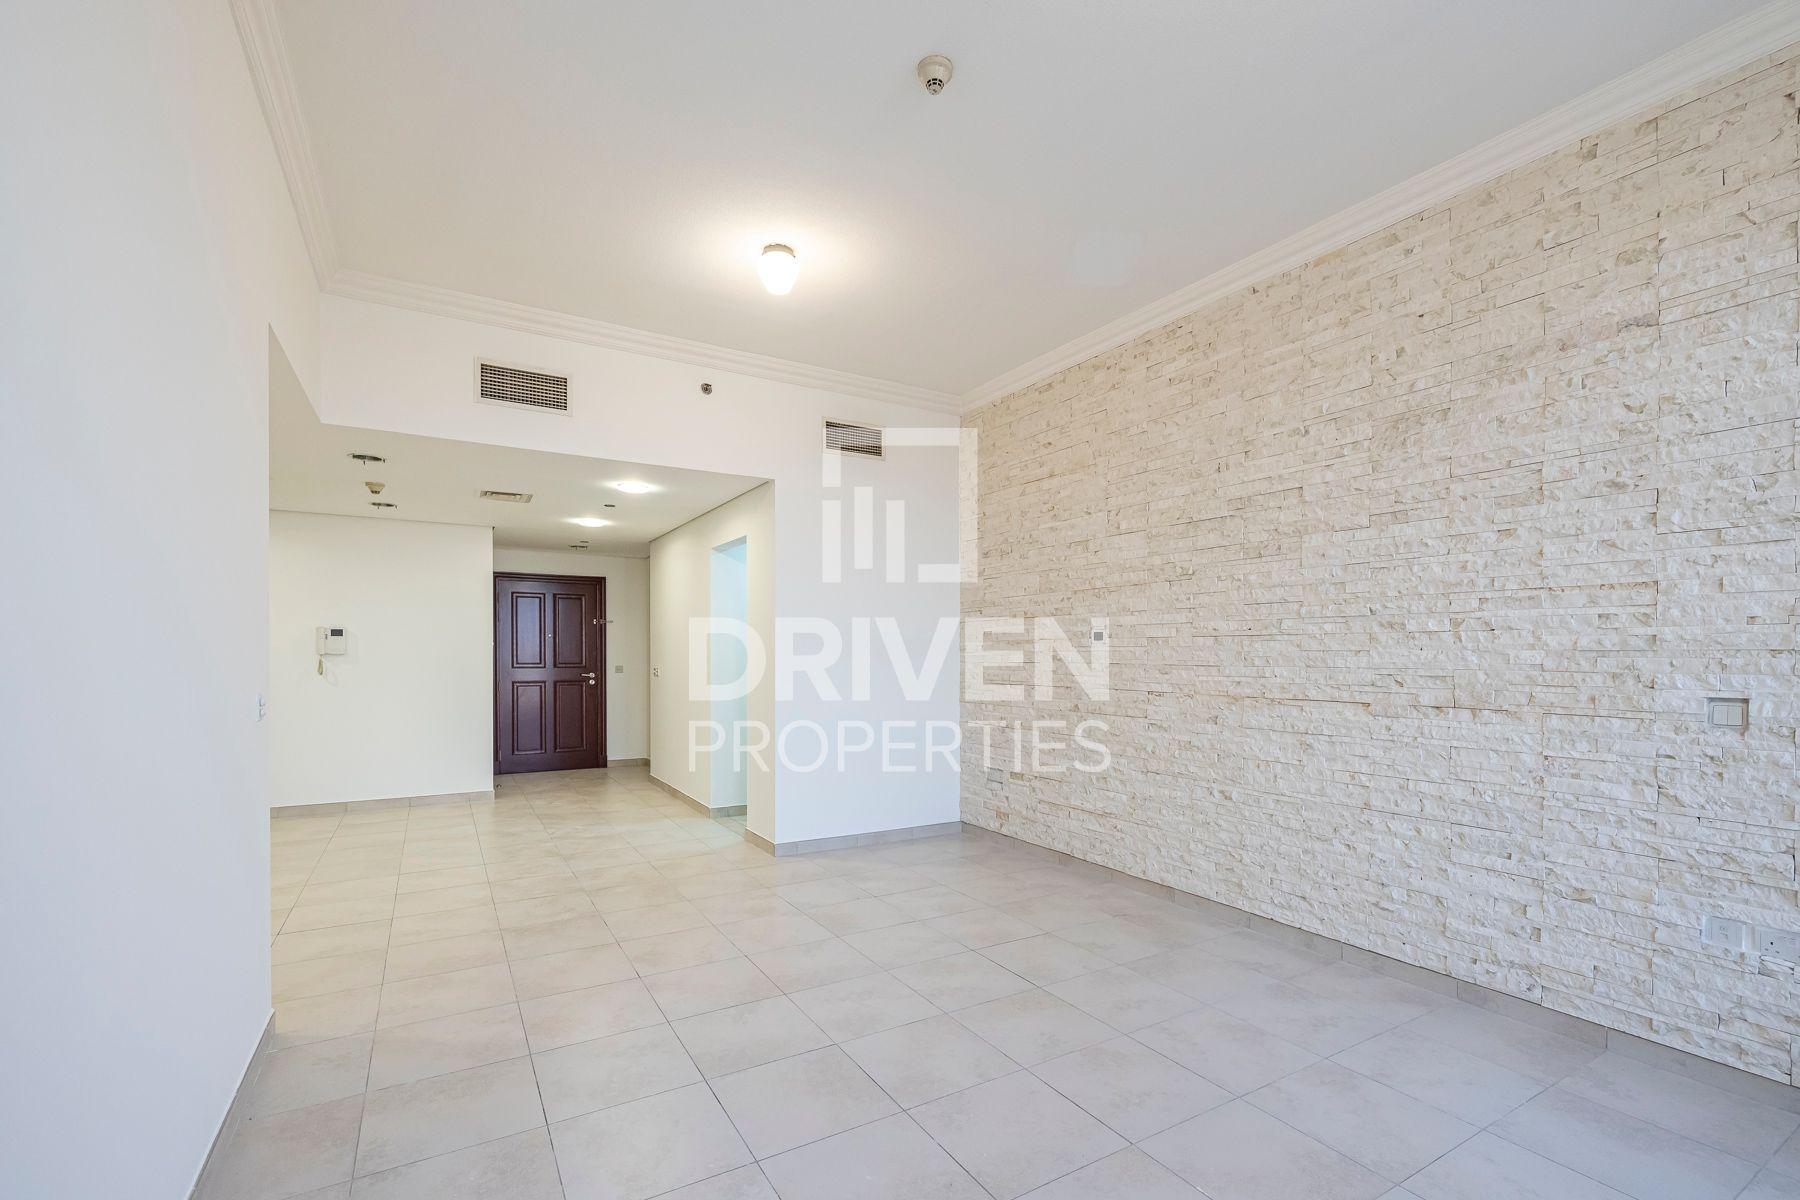 للايجار - شقة - طراز البحر المتوسط - مدينة دبي الرياضية